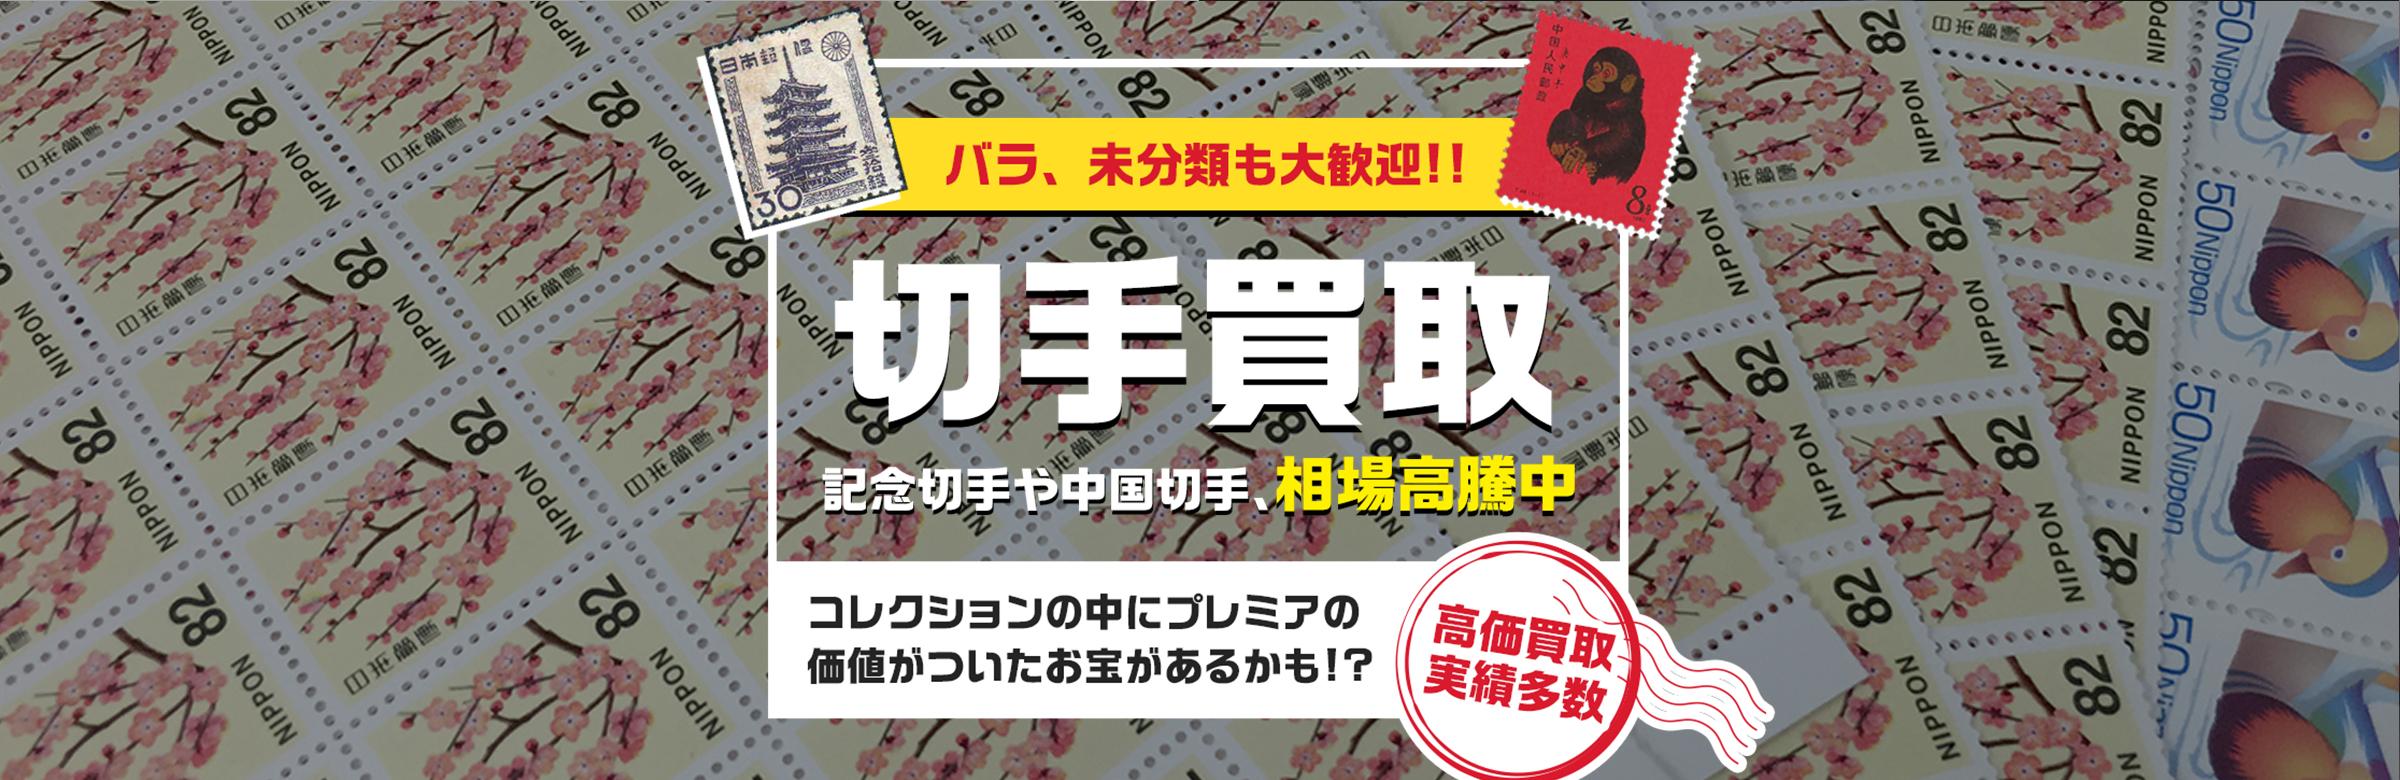 バラ、未分類も大歓迎!記念切手や中国切手、相場高騰中